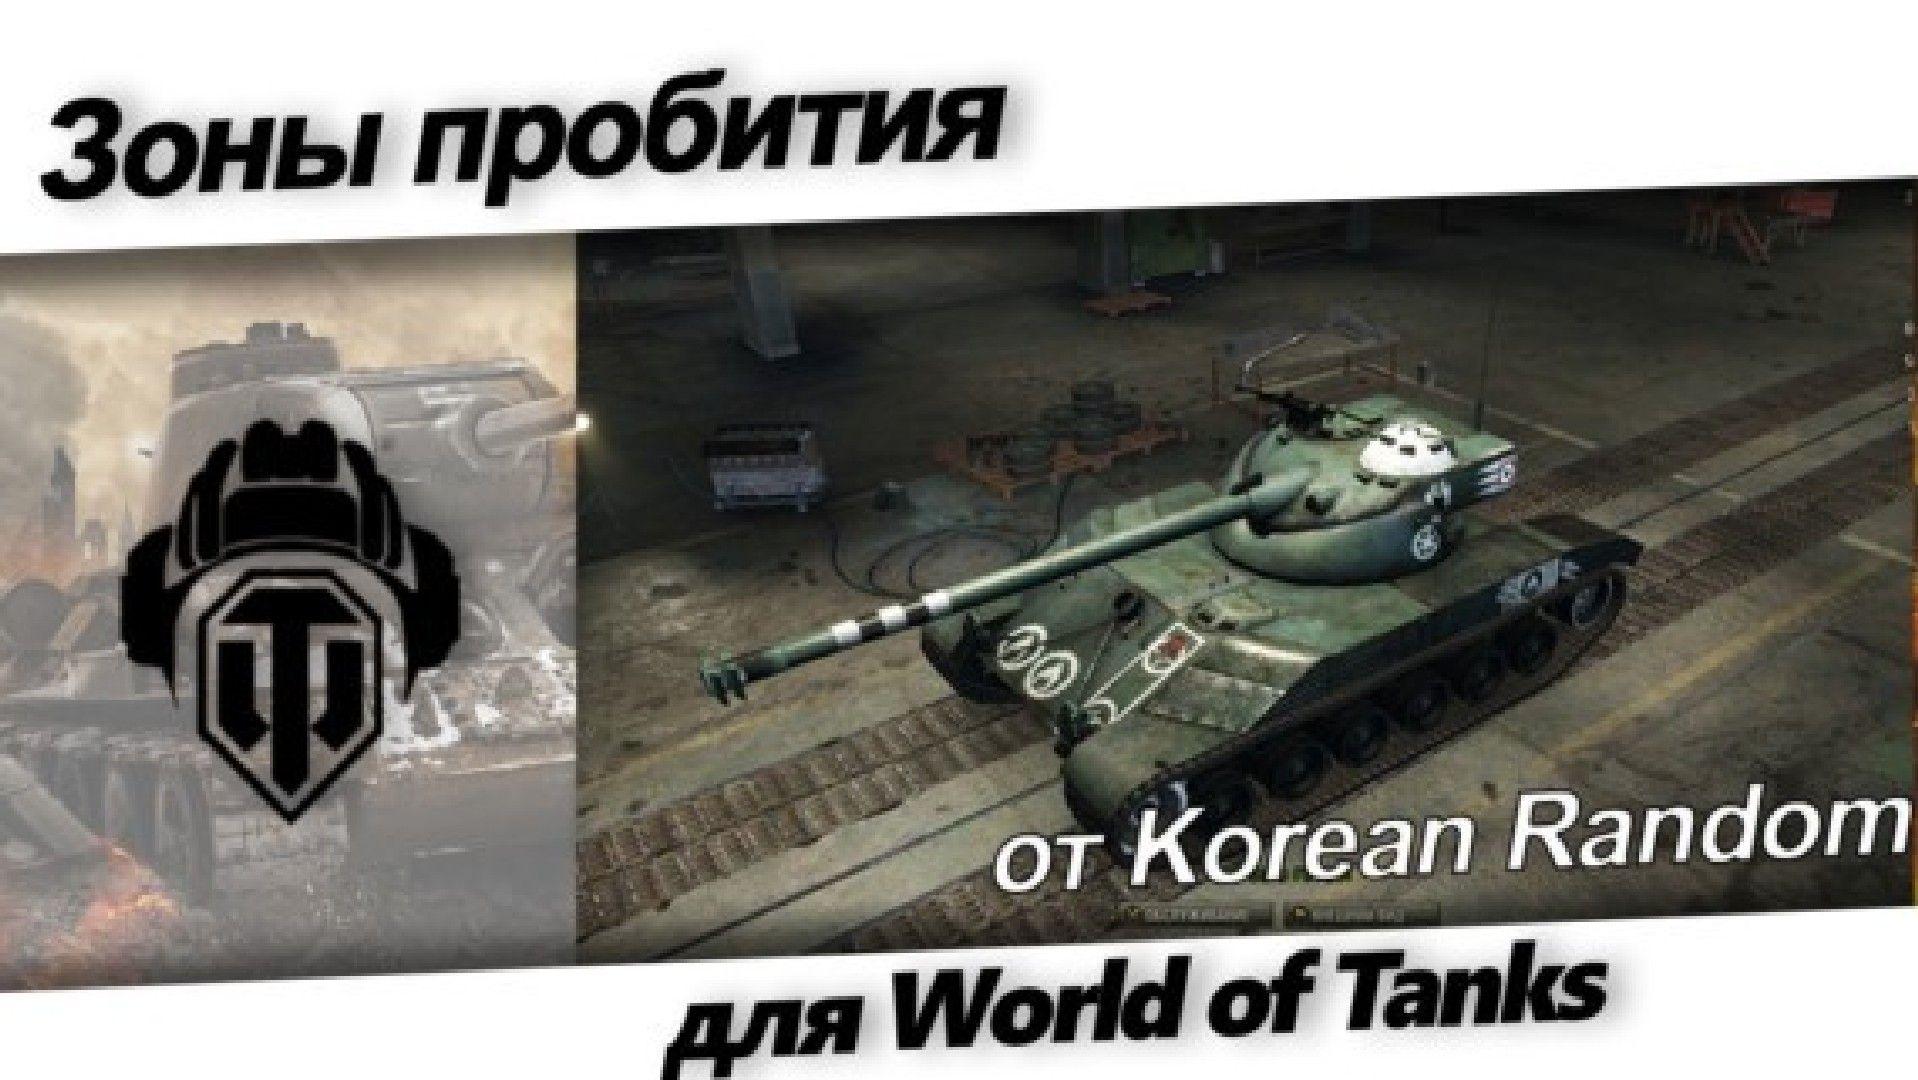 Контурные зоны пробития от Korean Random 1